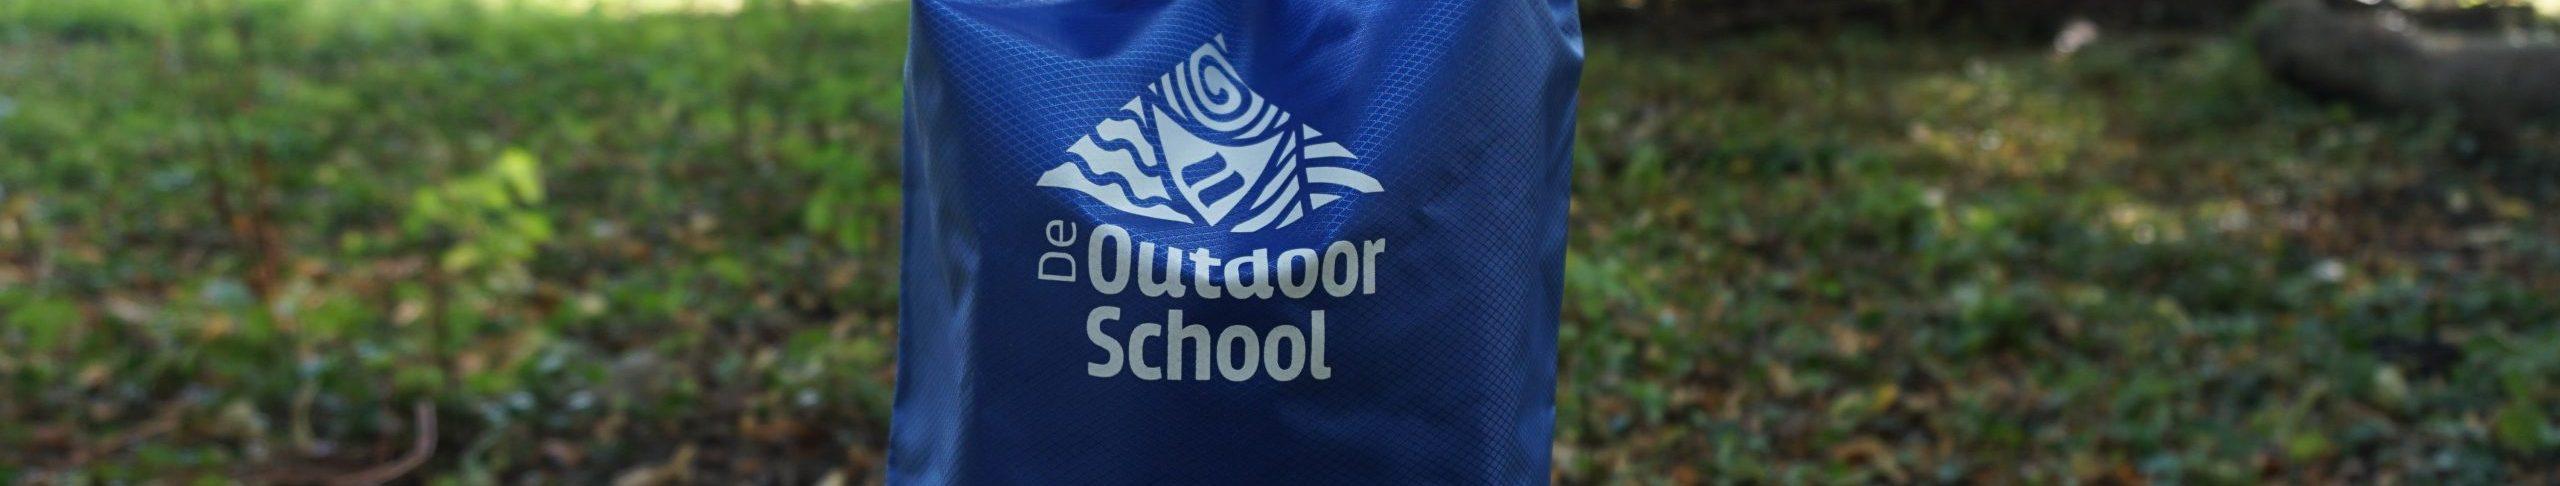 webshop de outdoor school